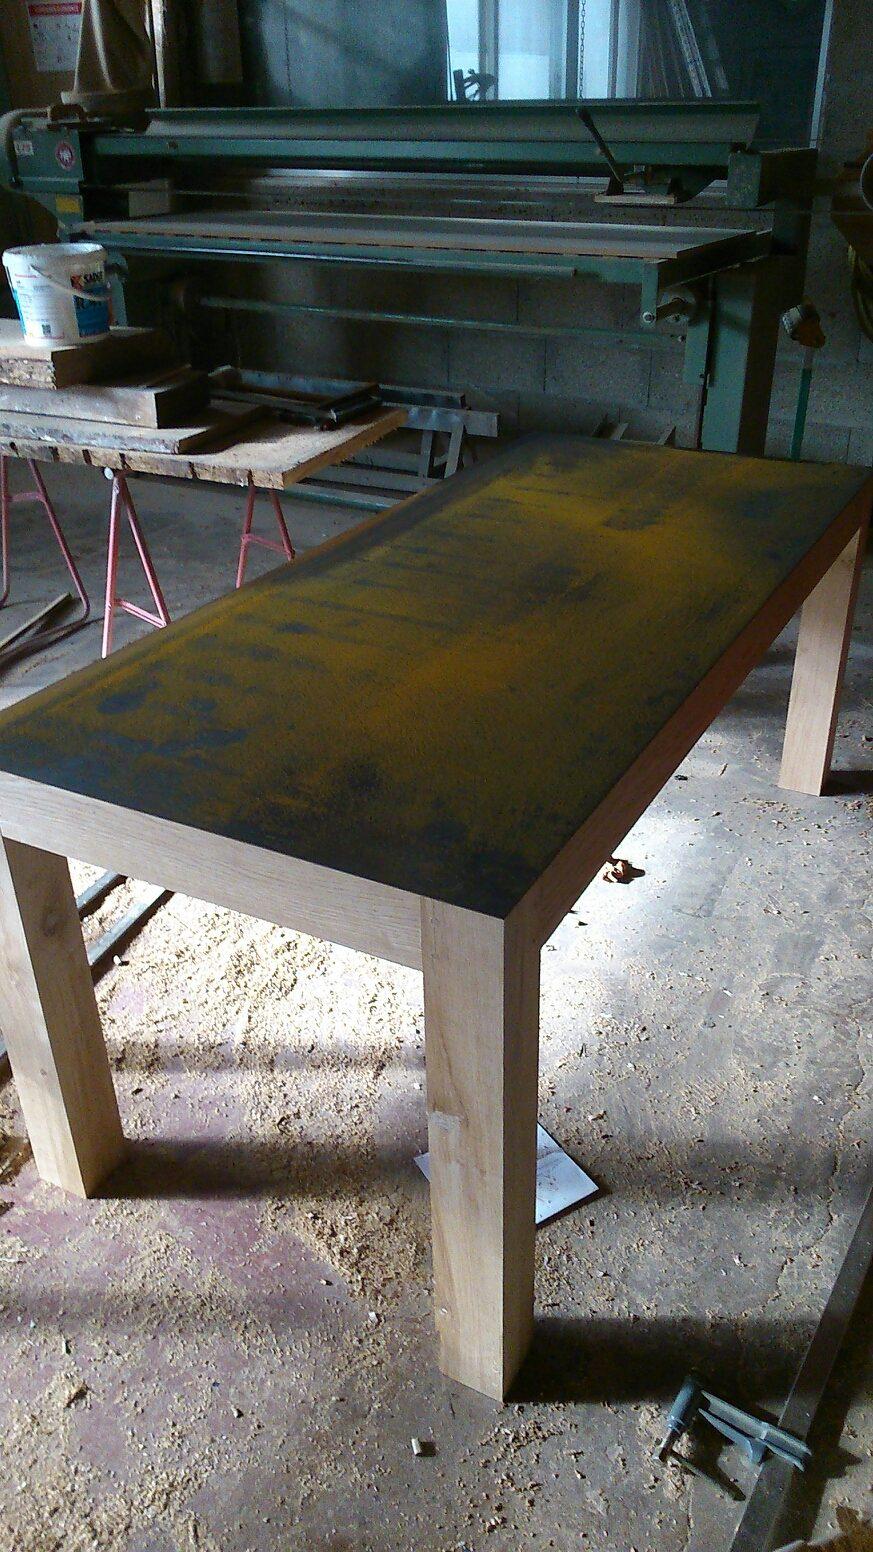 Table ch ne et metal atelier d 39 b nisterie angoul me fr d ric pigeault - Tole acier 2mm ...